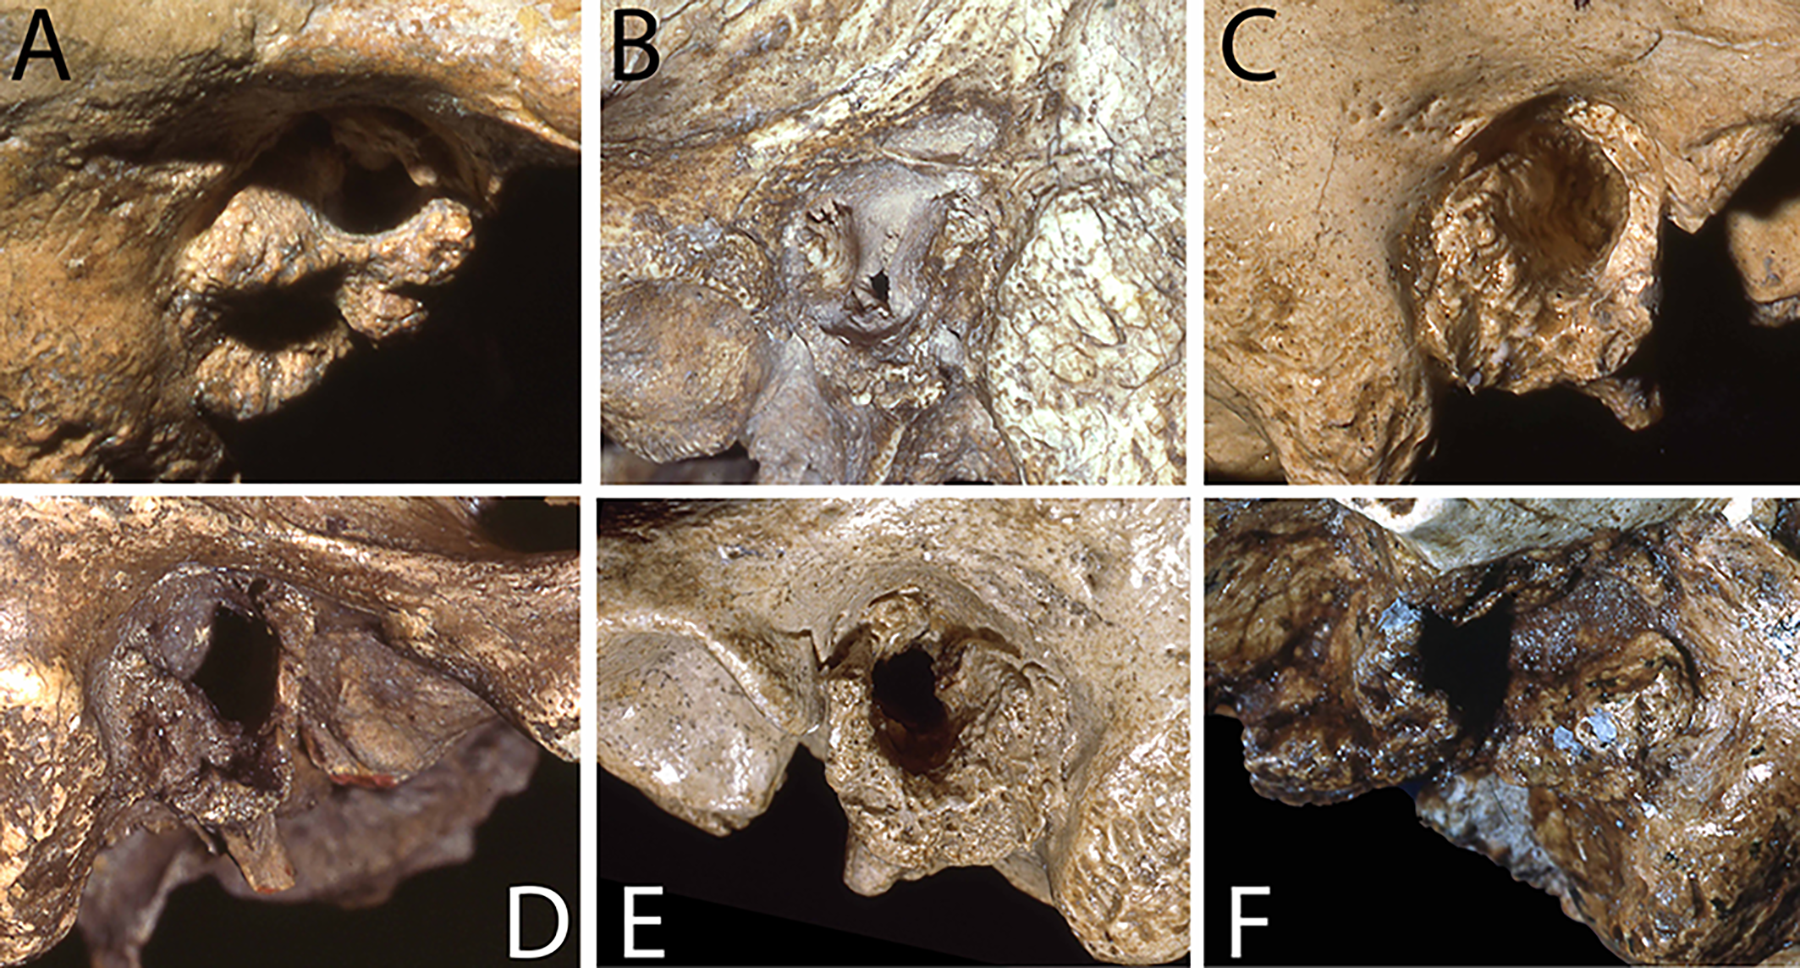 Примеры экзостоза слухового прохода унеандертальцев.